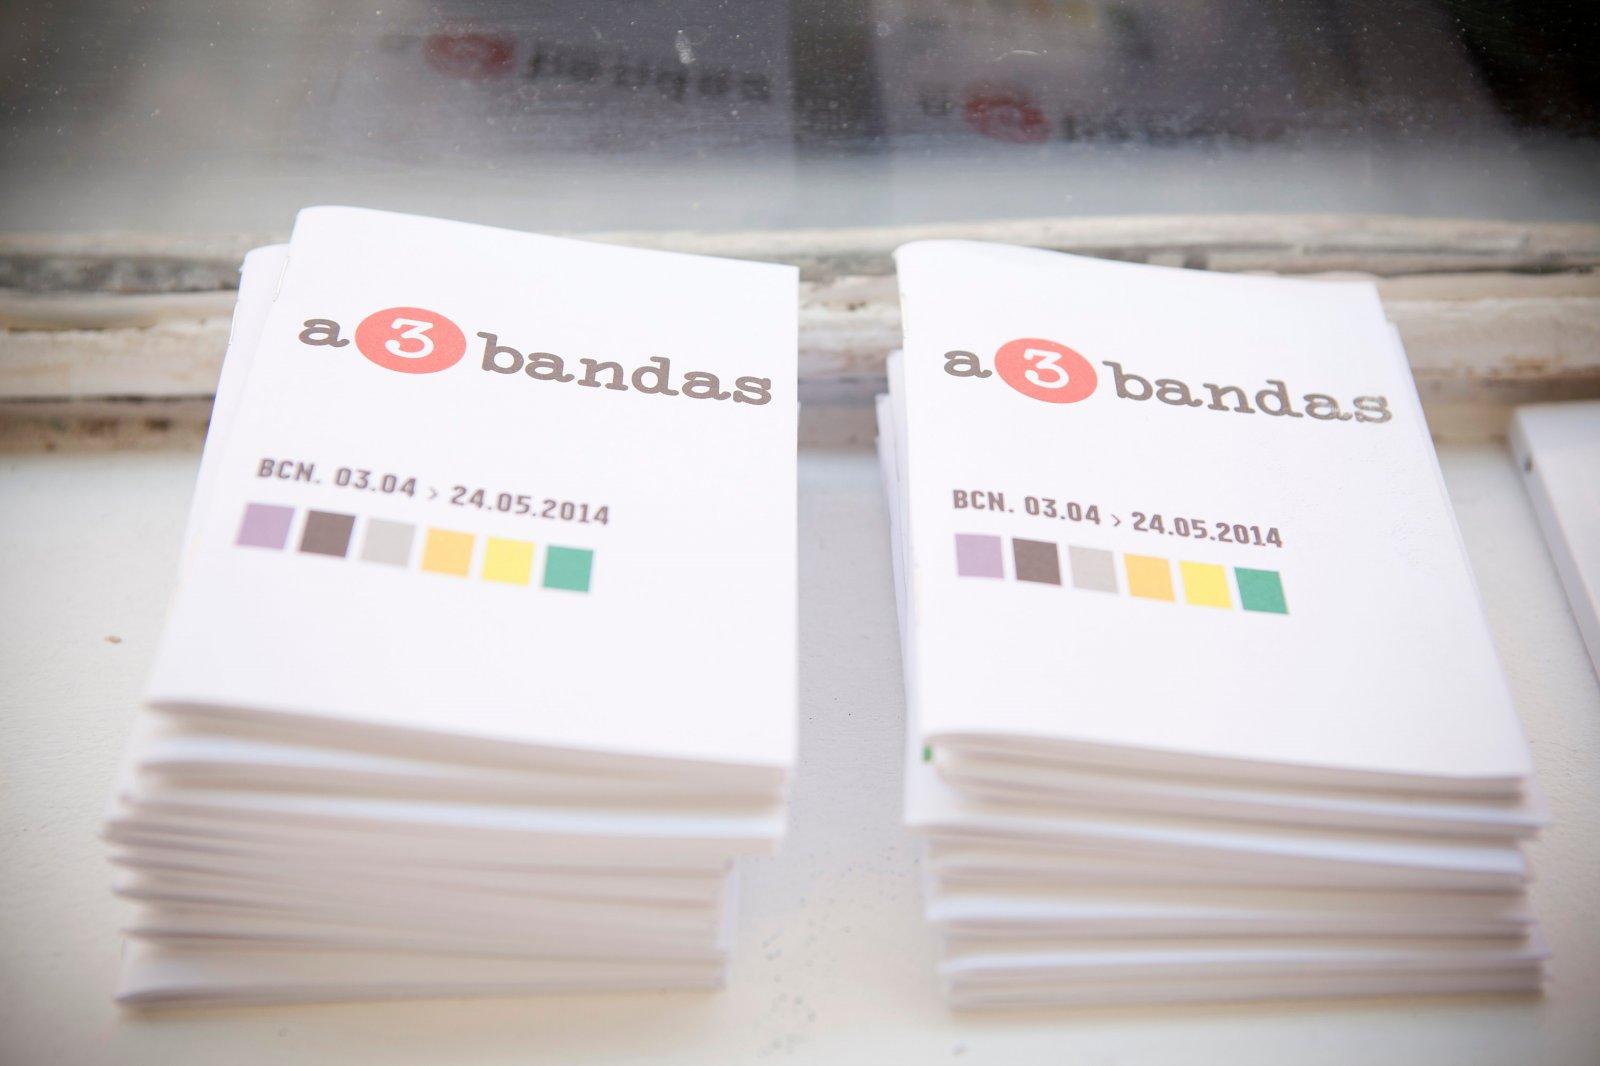 30. A3bandas, También En Barcelona